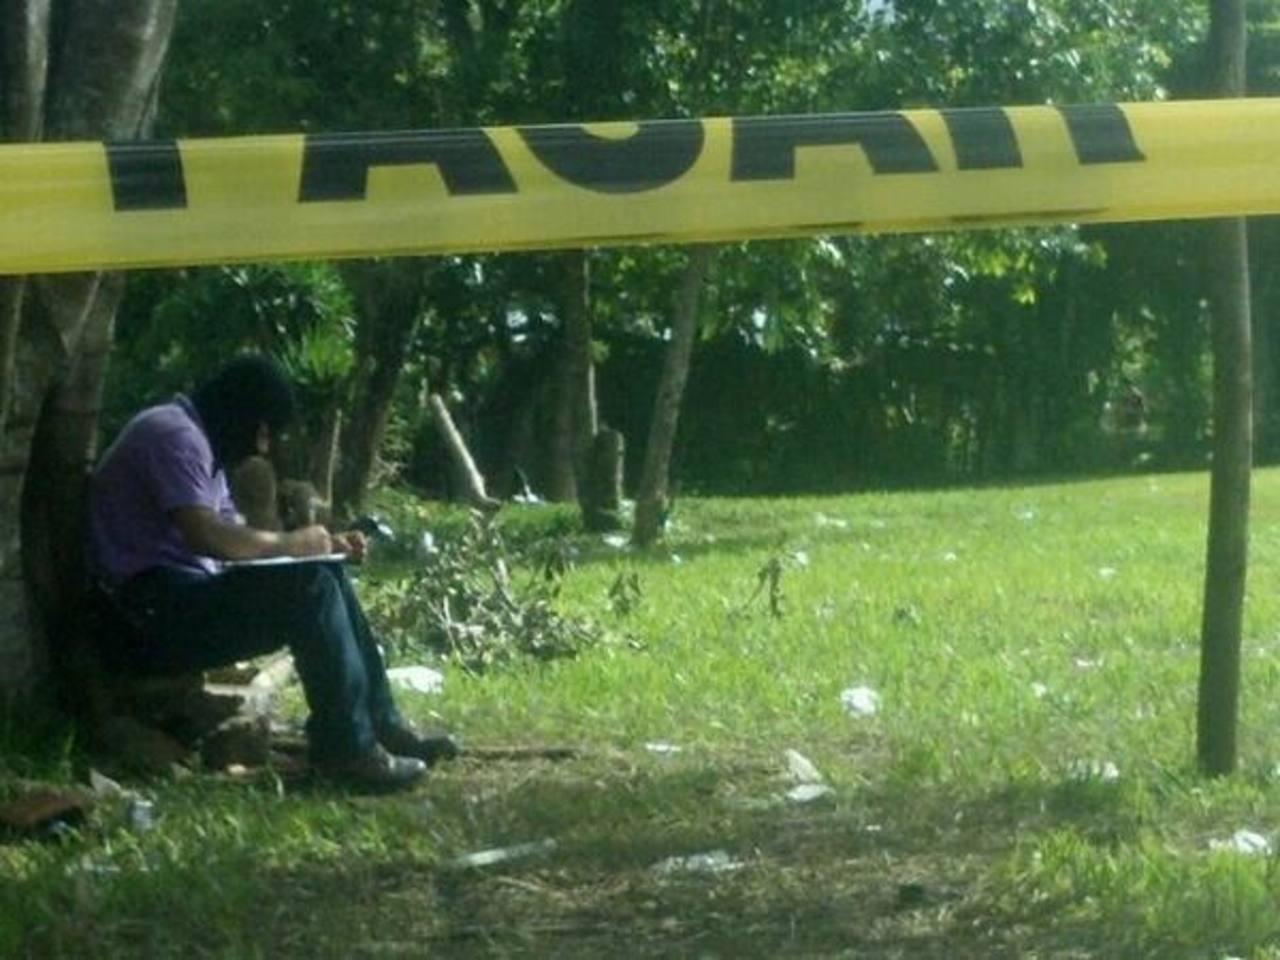 Las autoridades indagaban en el ataque que dejó cuatro muertos y un herido. Foto vía Twitter Miguel Villalta